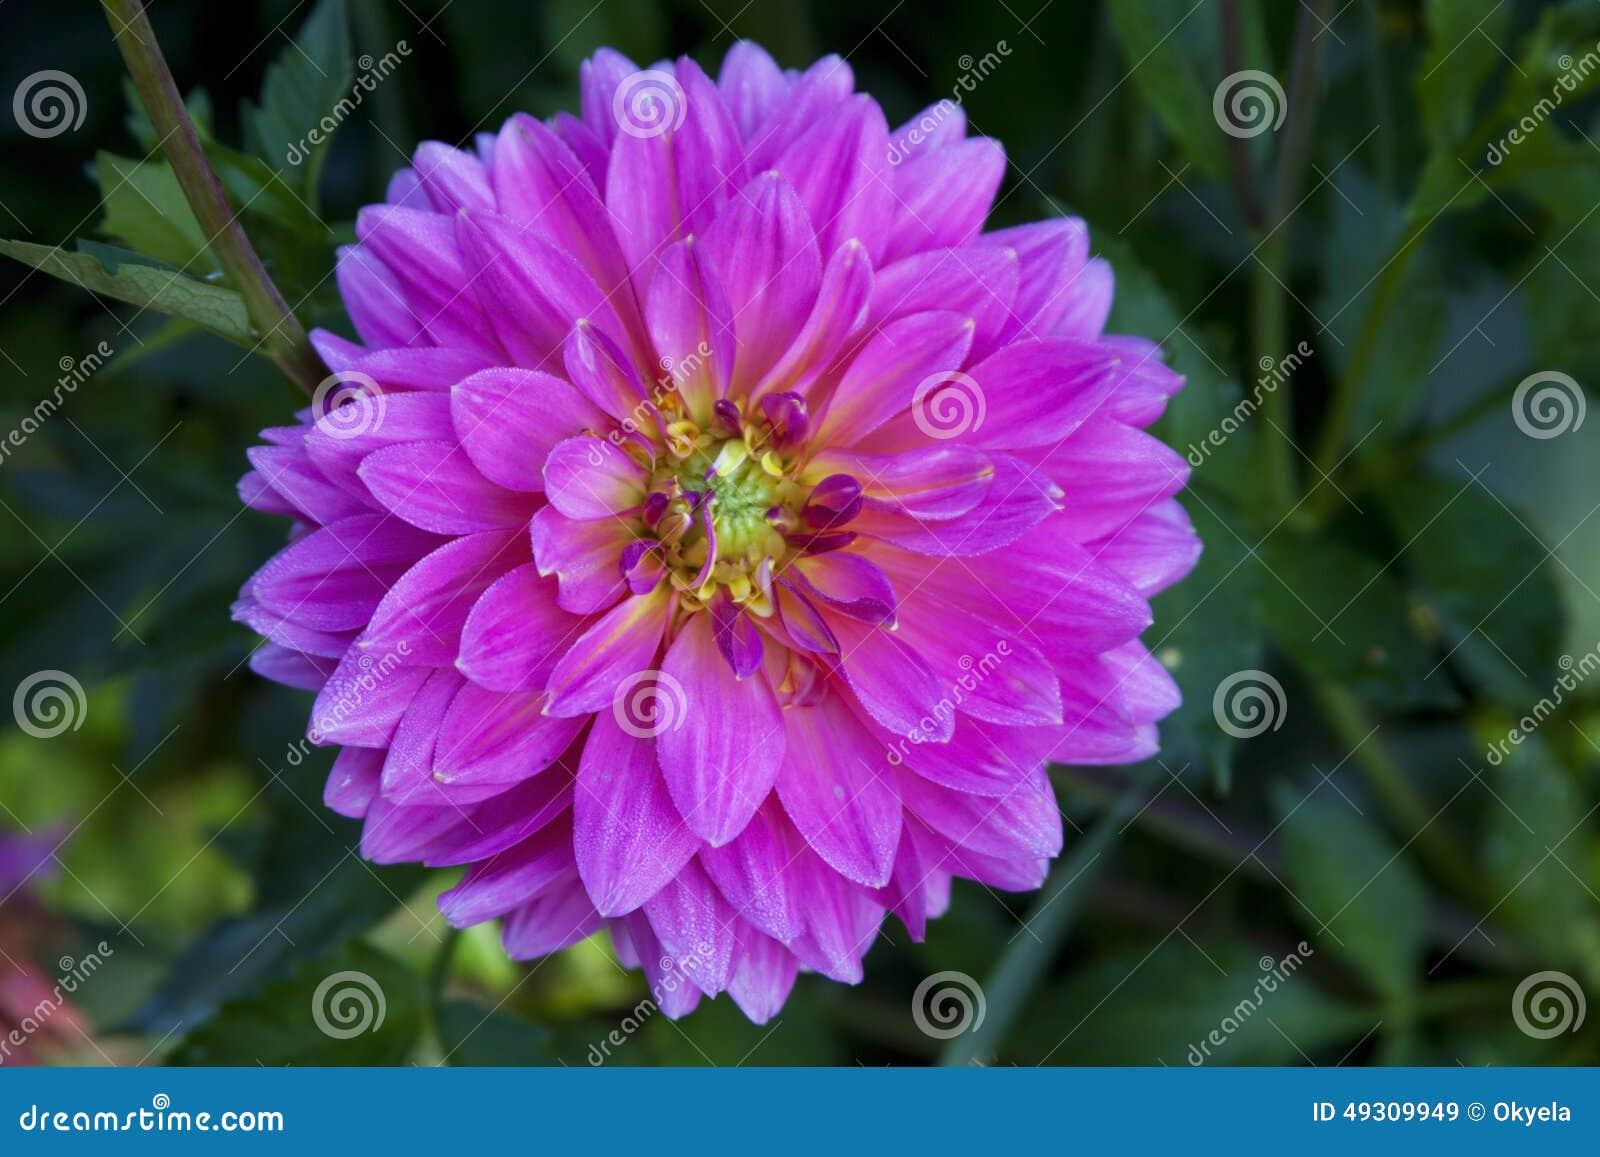 dalia rosada de las plantas de jard n de flores foto de